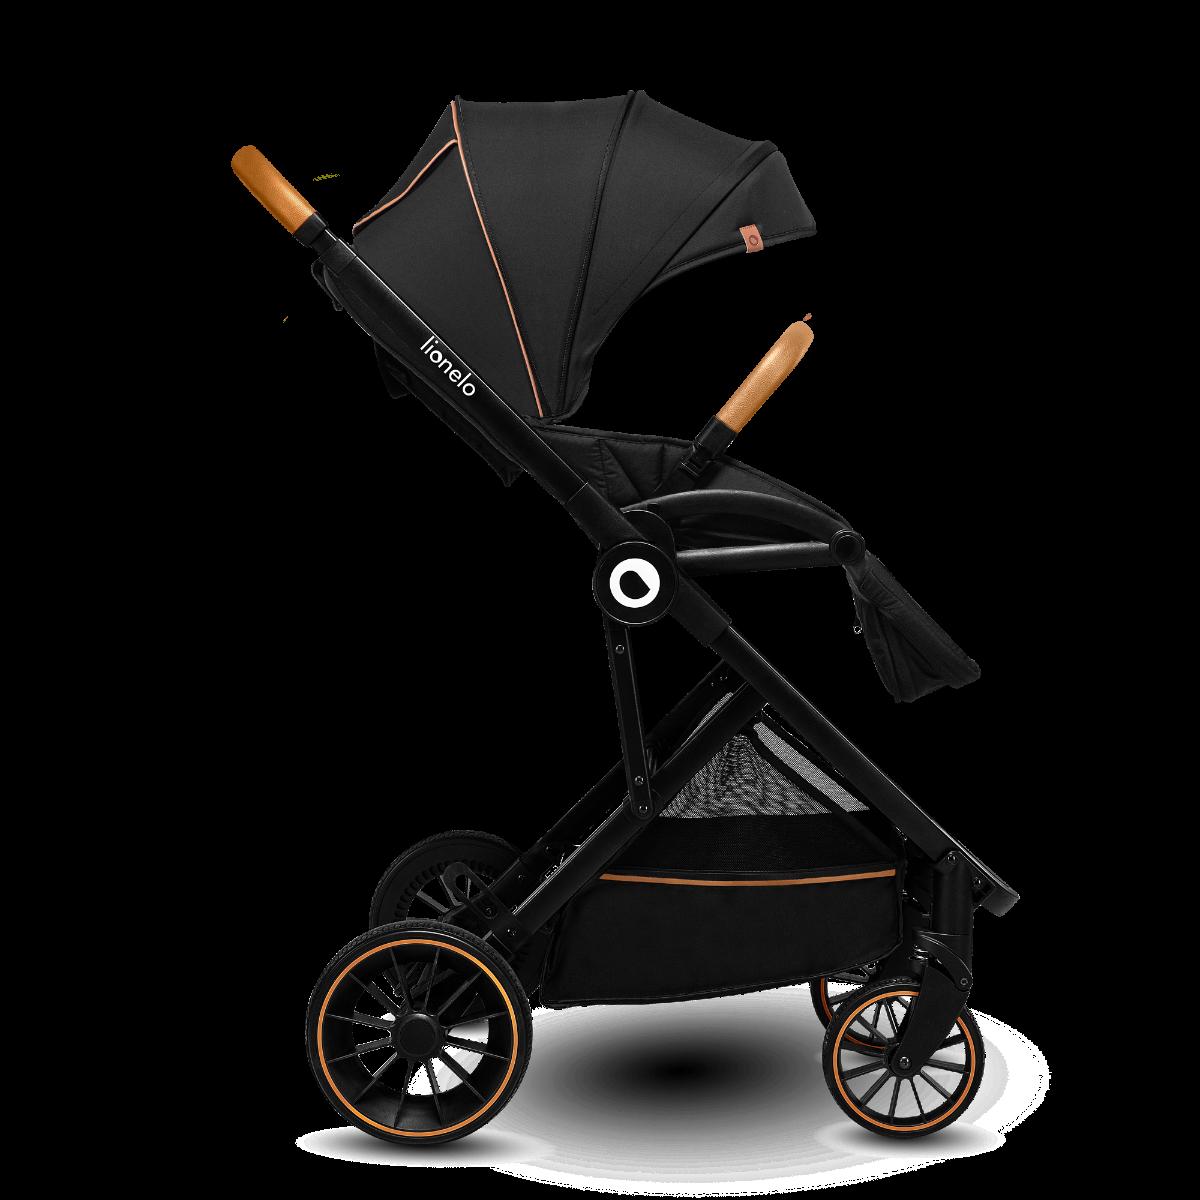 Універсальна коляска 2 в 1 Lionelo RIYA BLACK ONYX